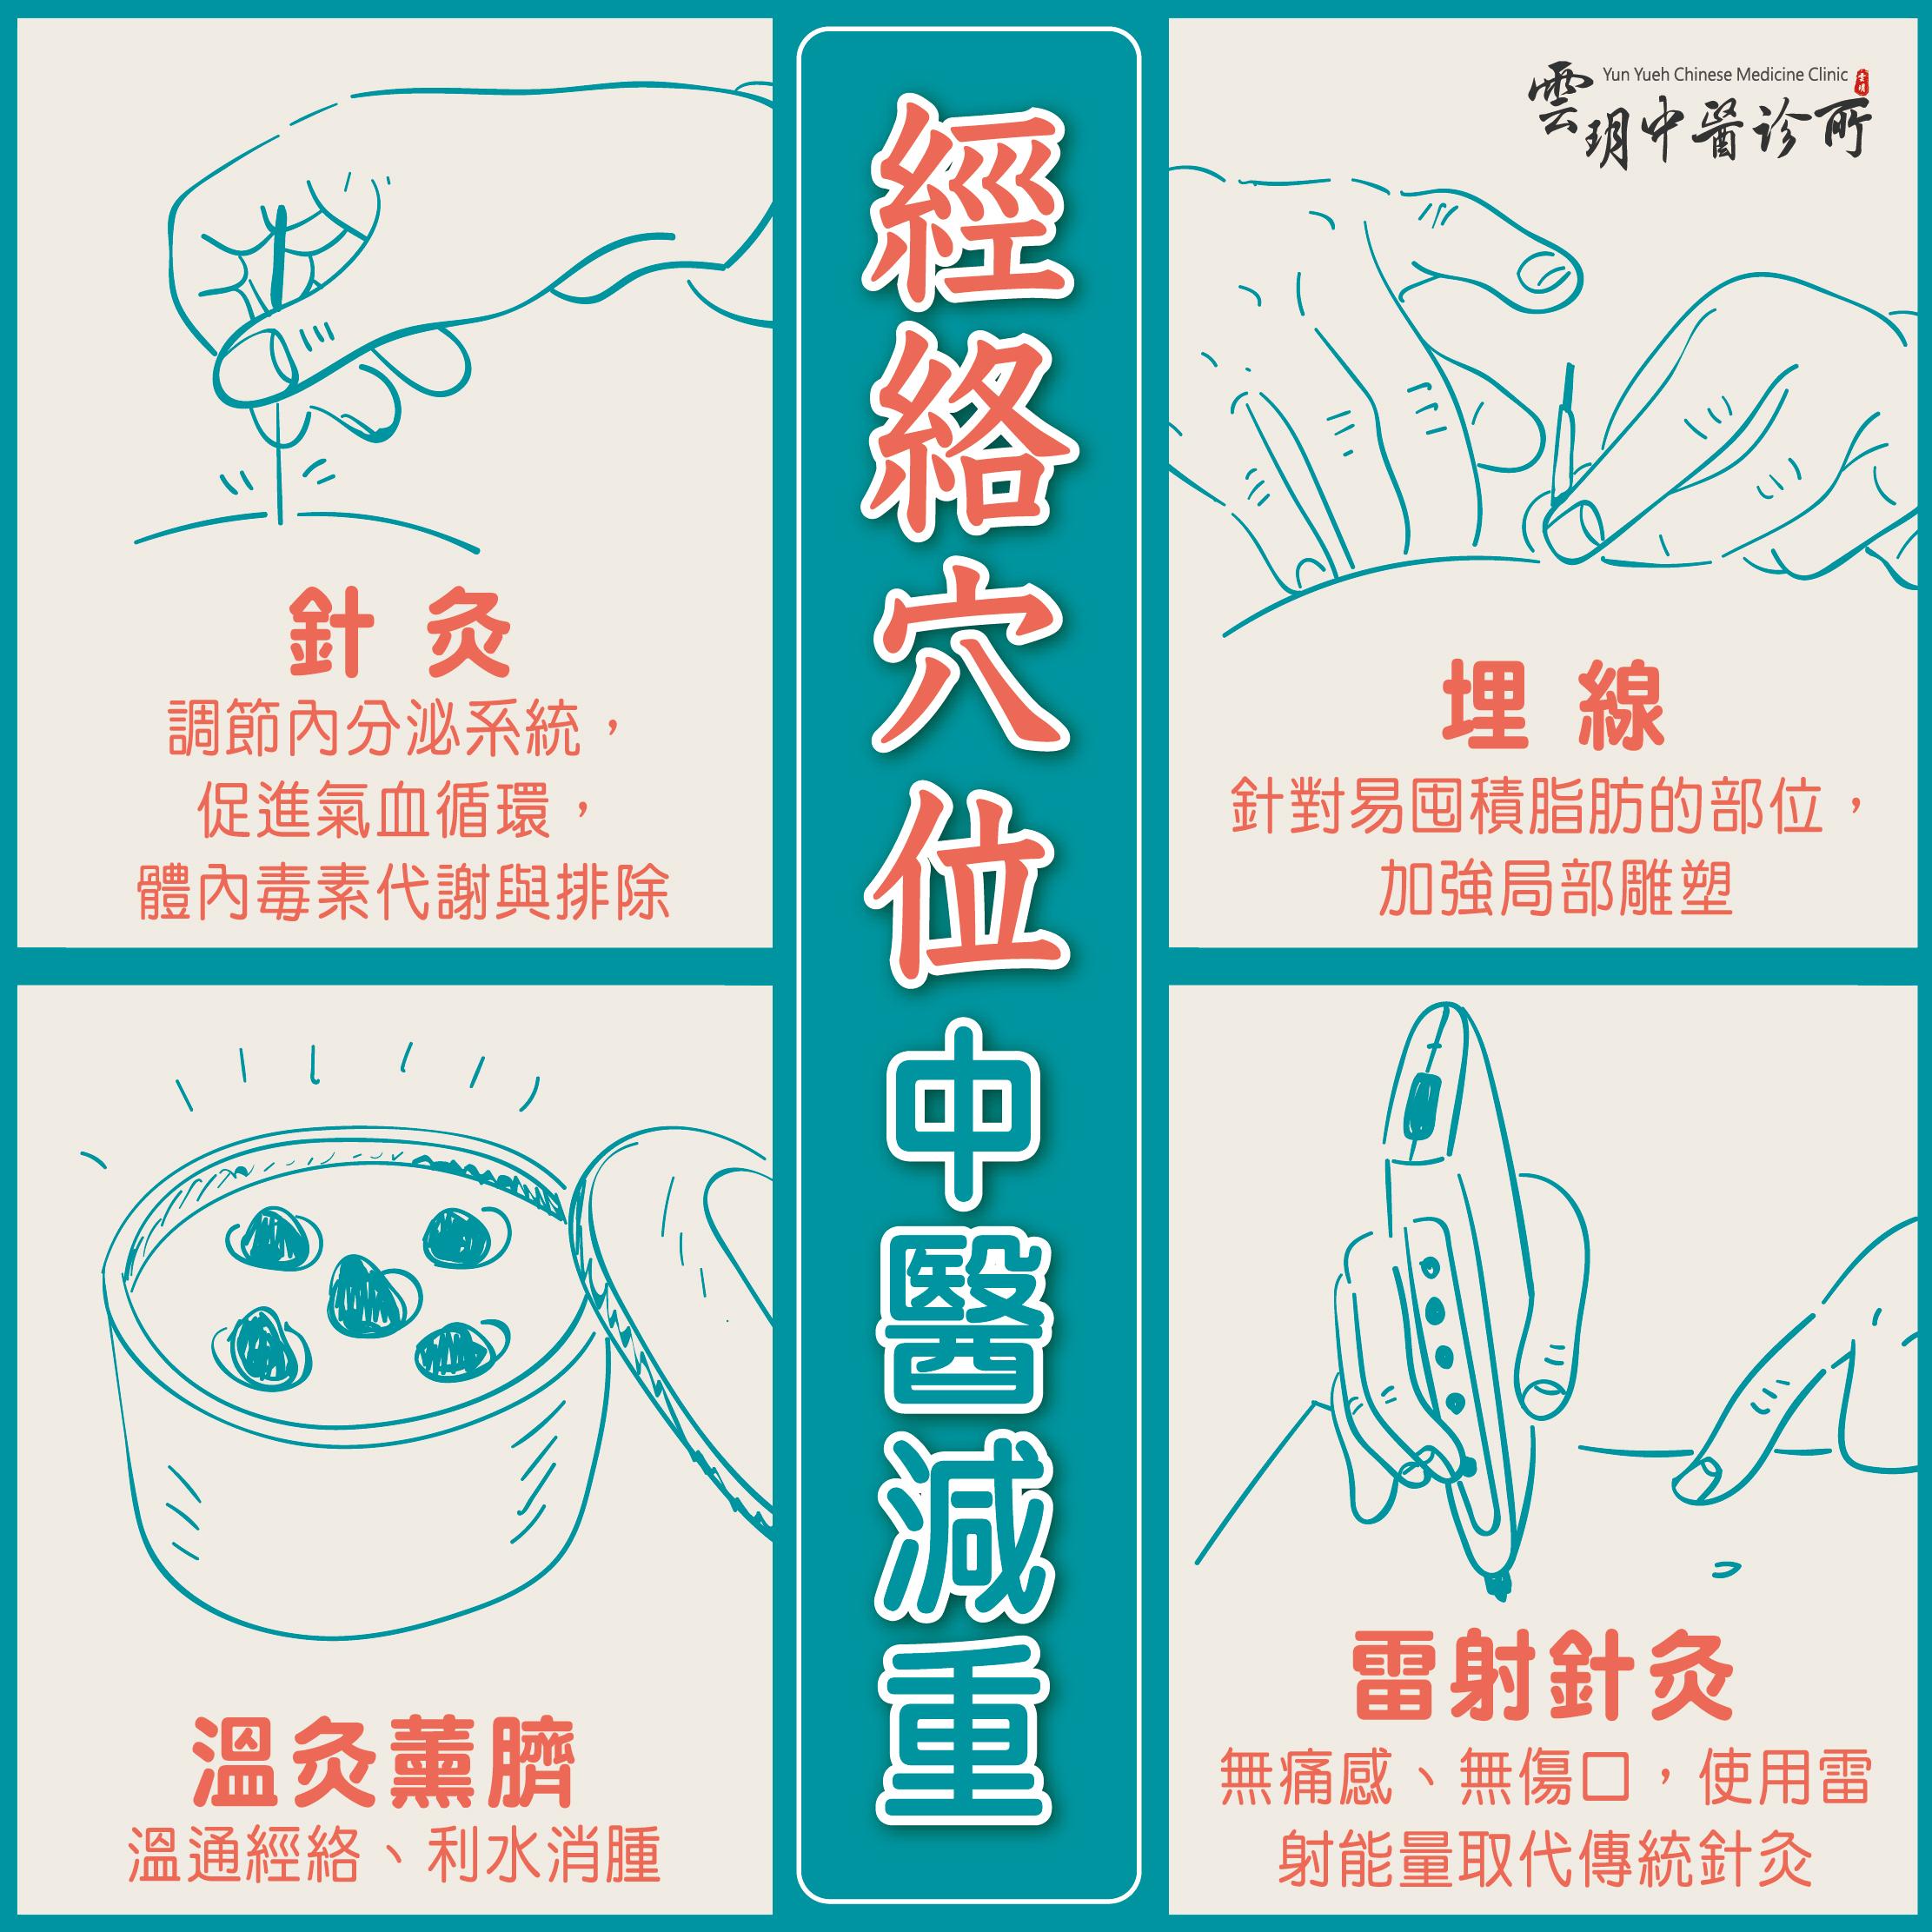 中醫埋線減肥+針灸減重